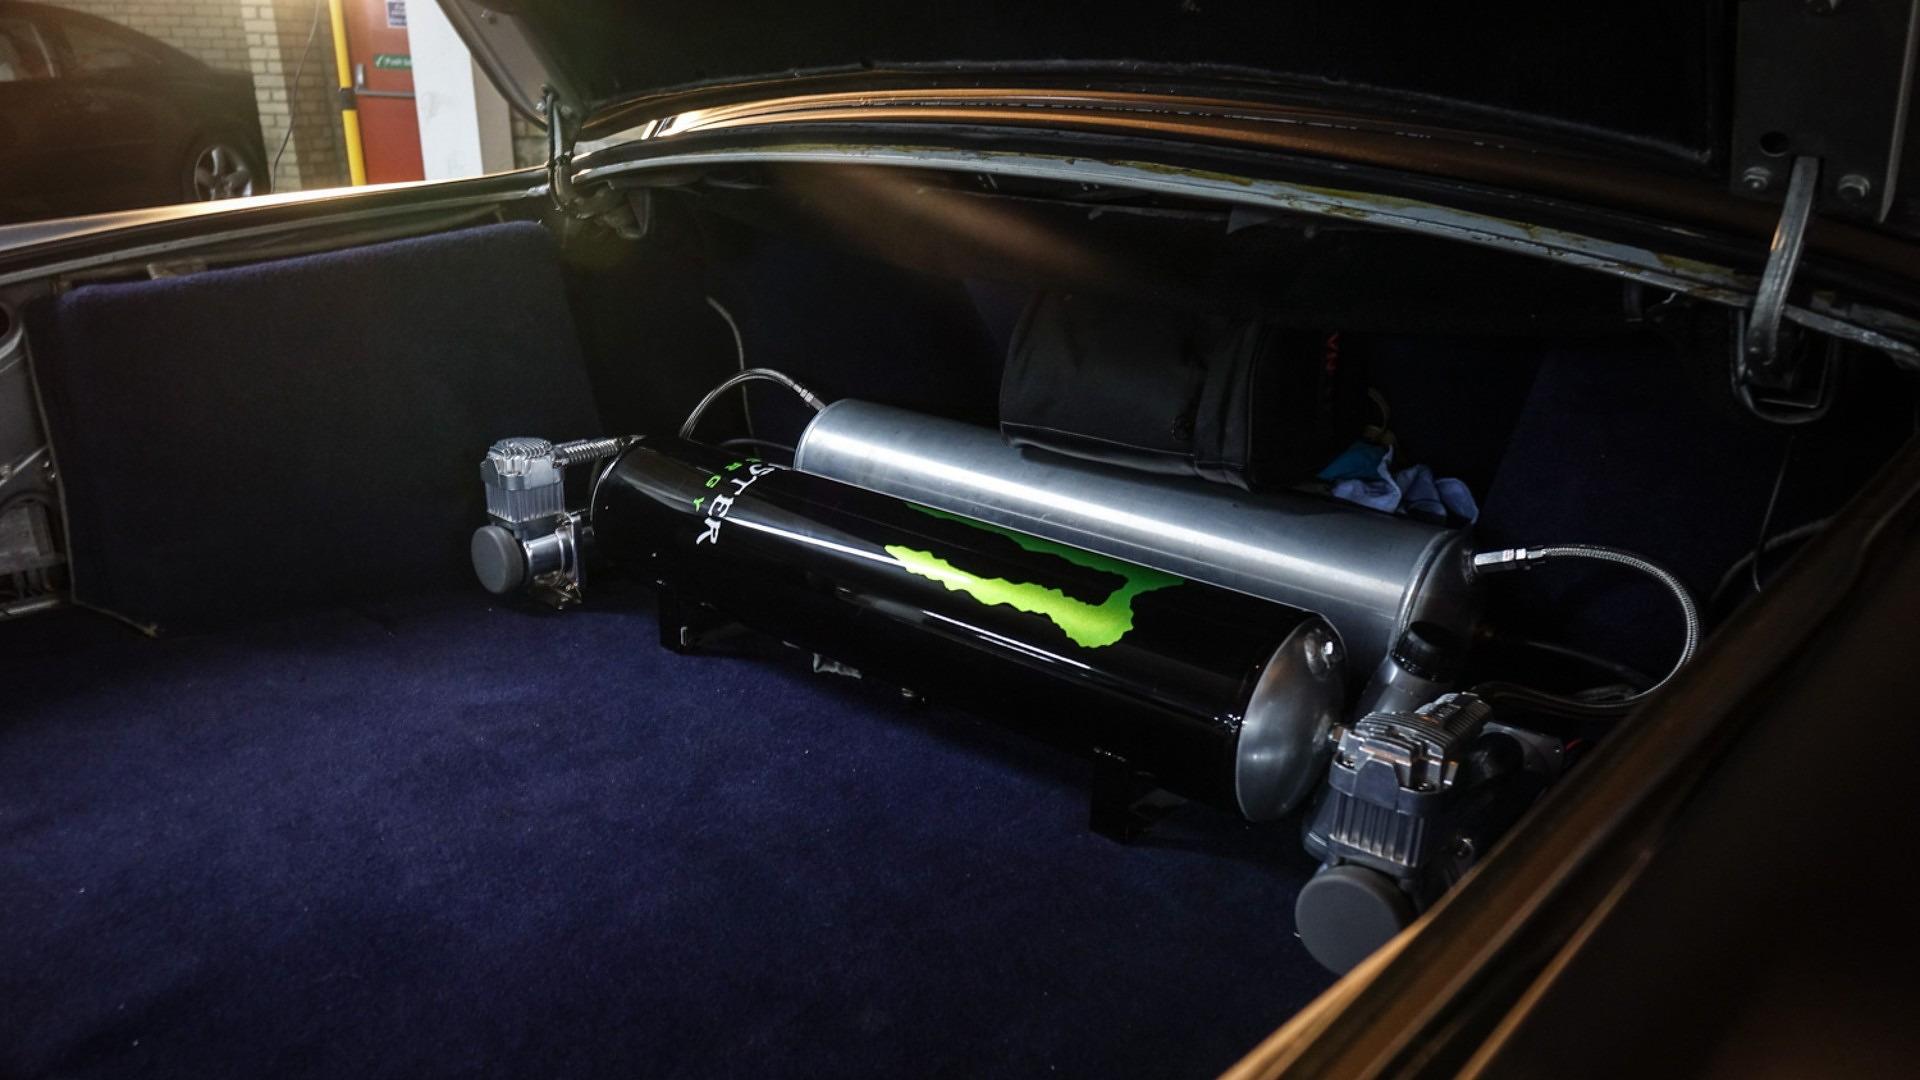 rolls-royce-silver-shadow-drift-car16